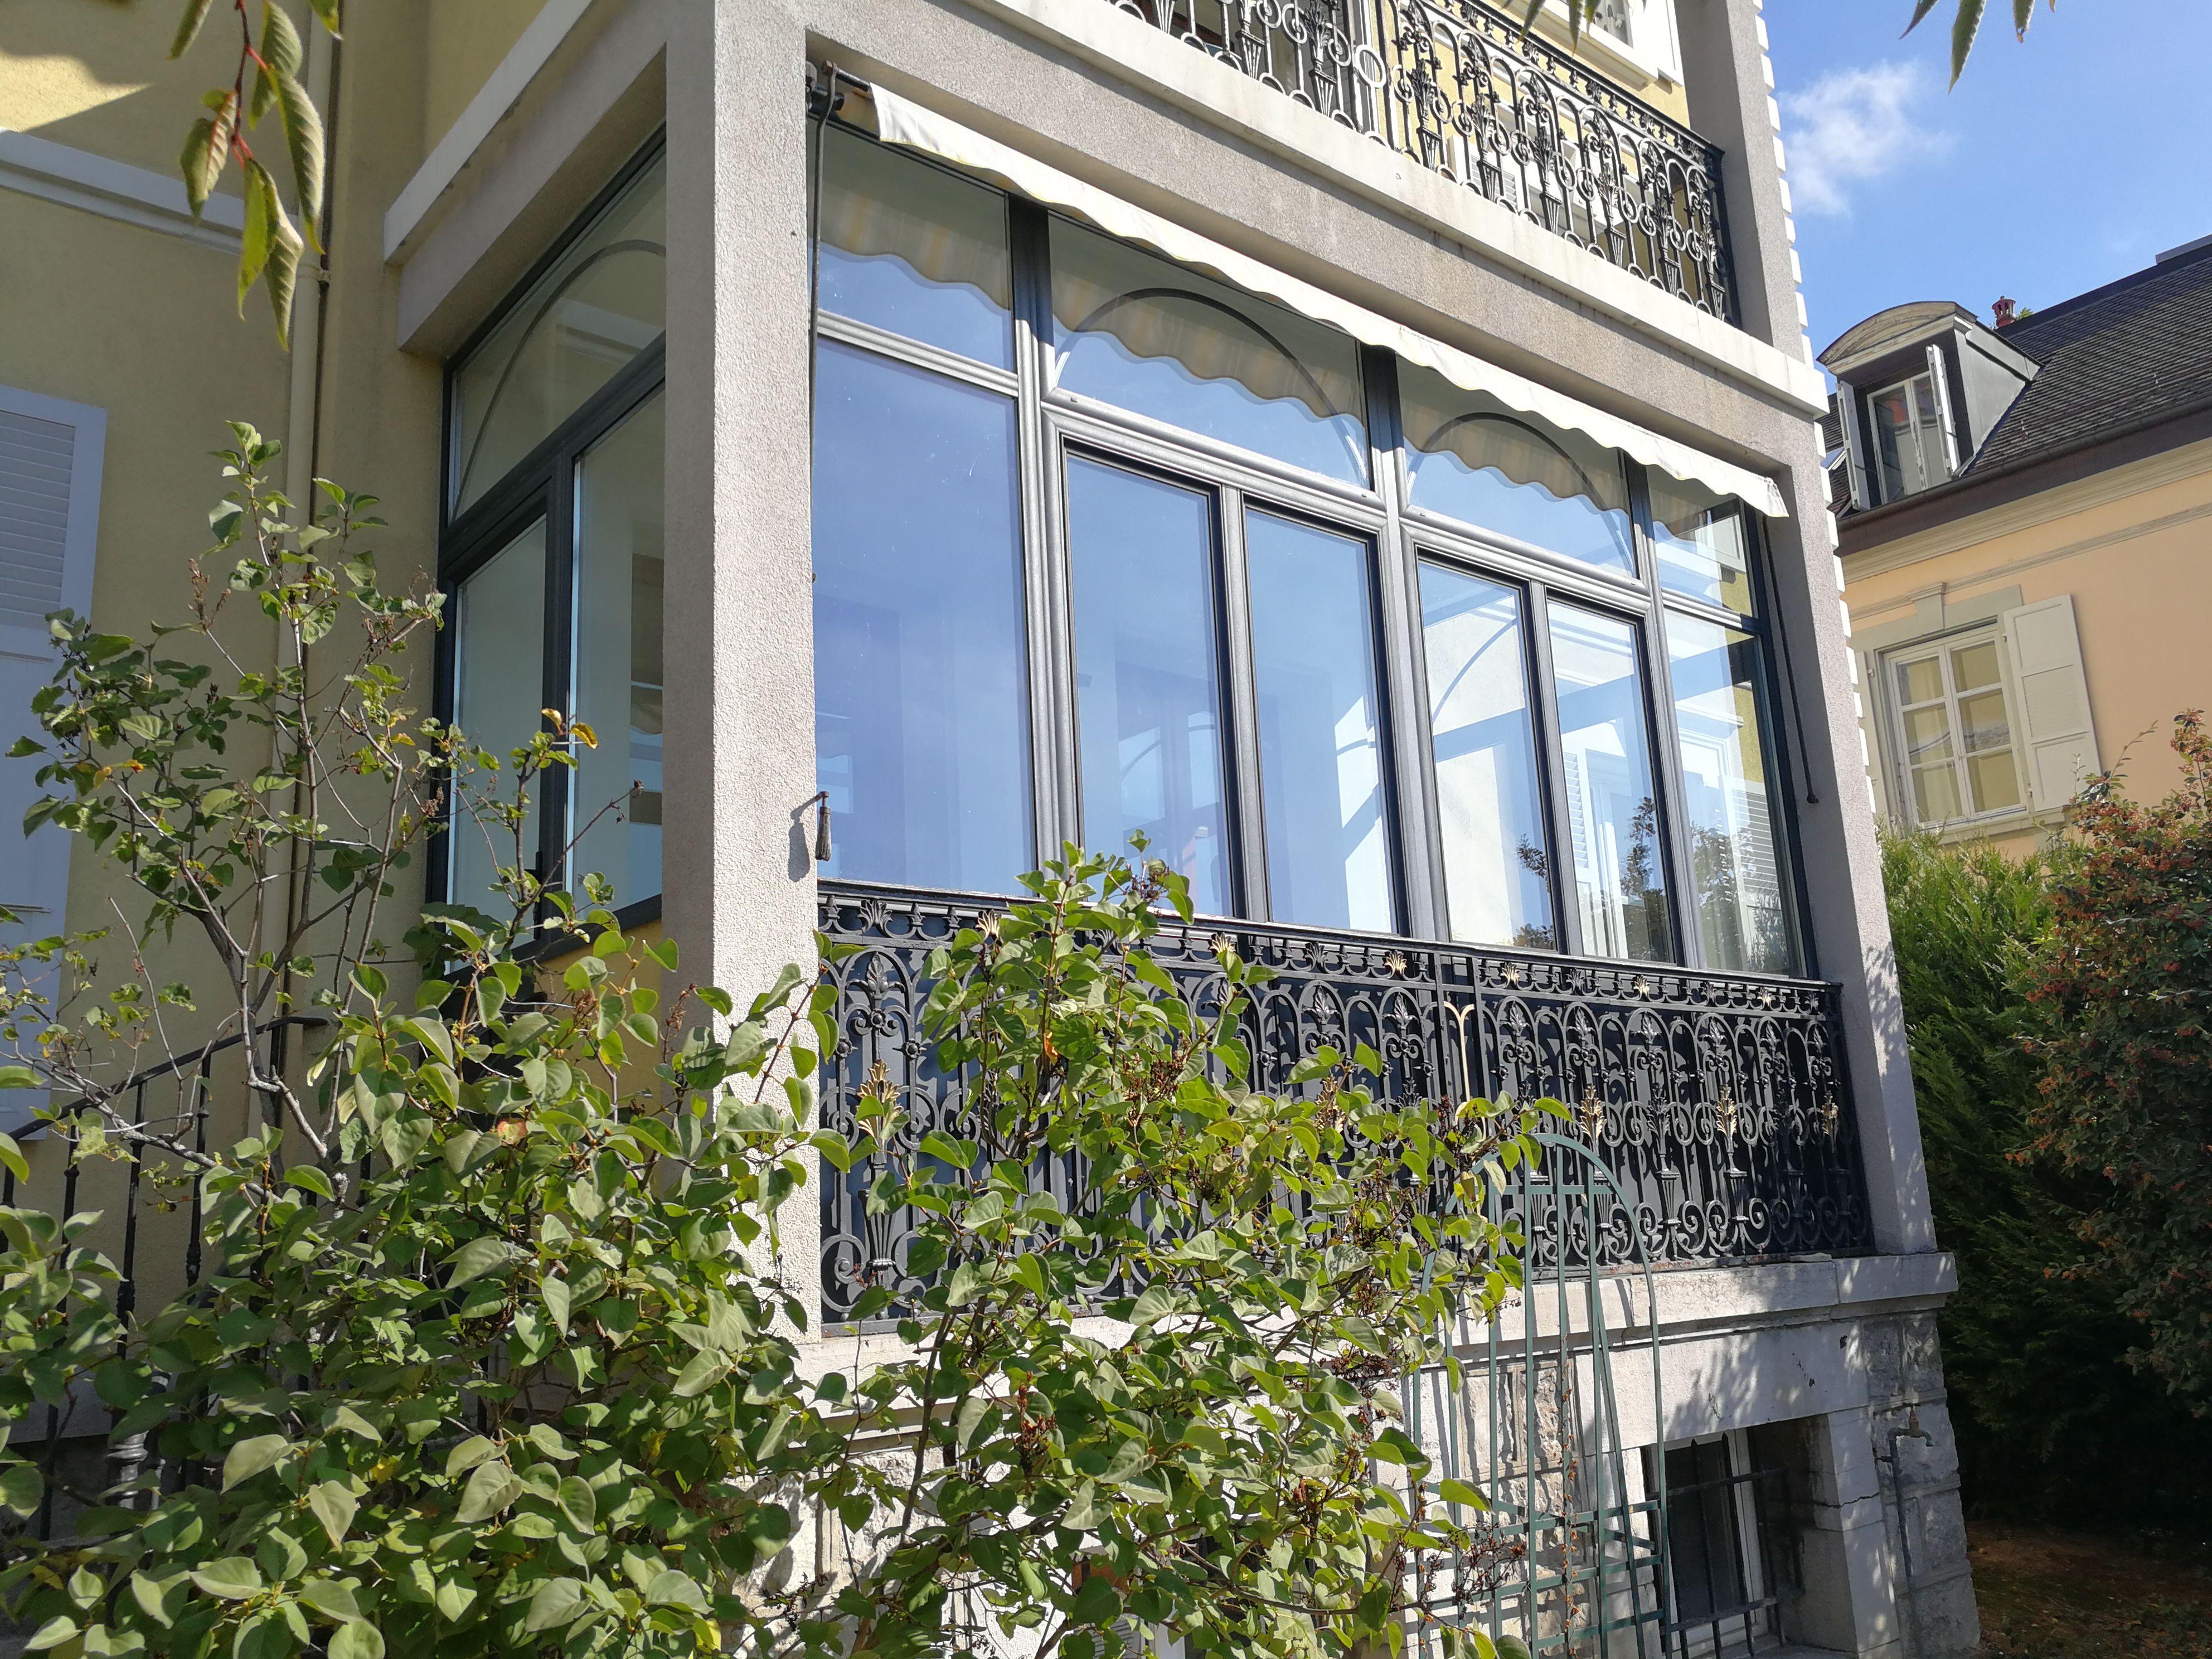 Fermeture De Balcon Pour Gagner Plus D Espace Balcon Bois Verre Verenda